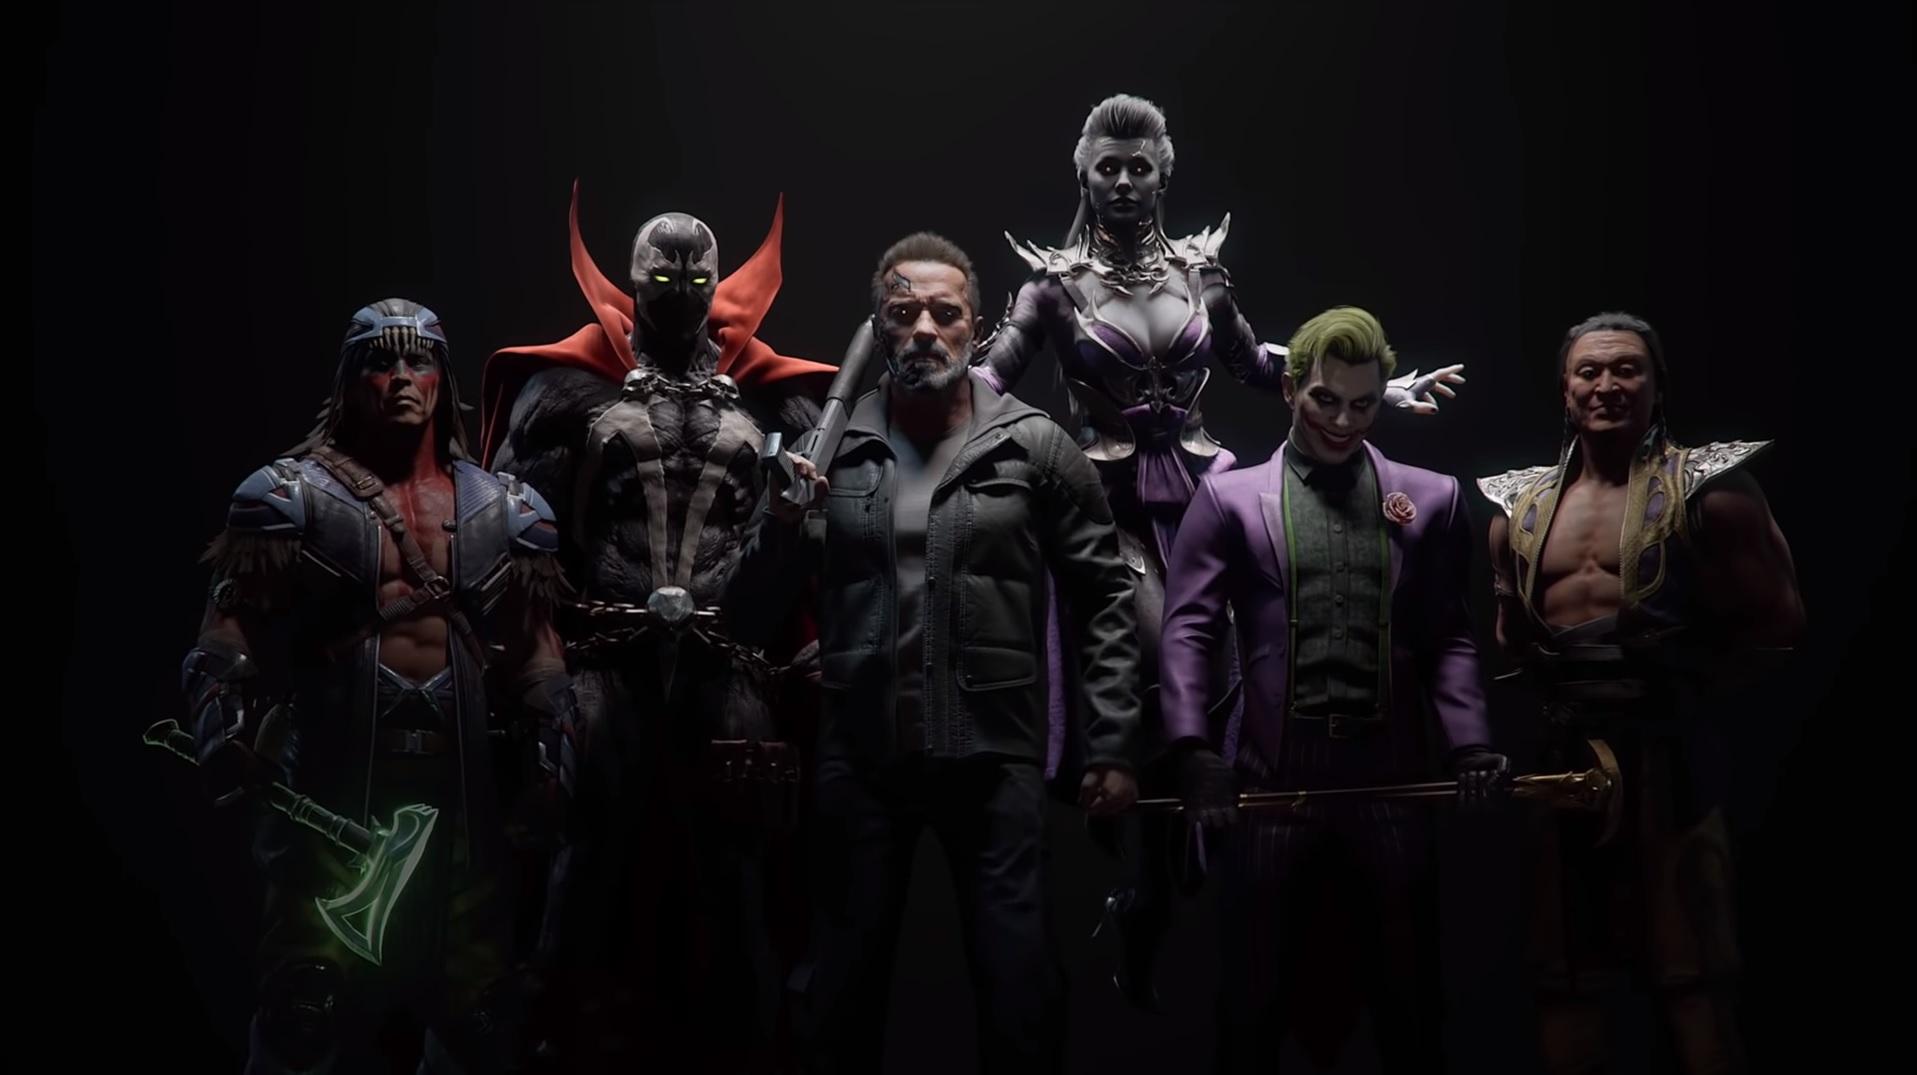 Mortal Kombat 11's full DLC character roster is here   PC Gamer